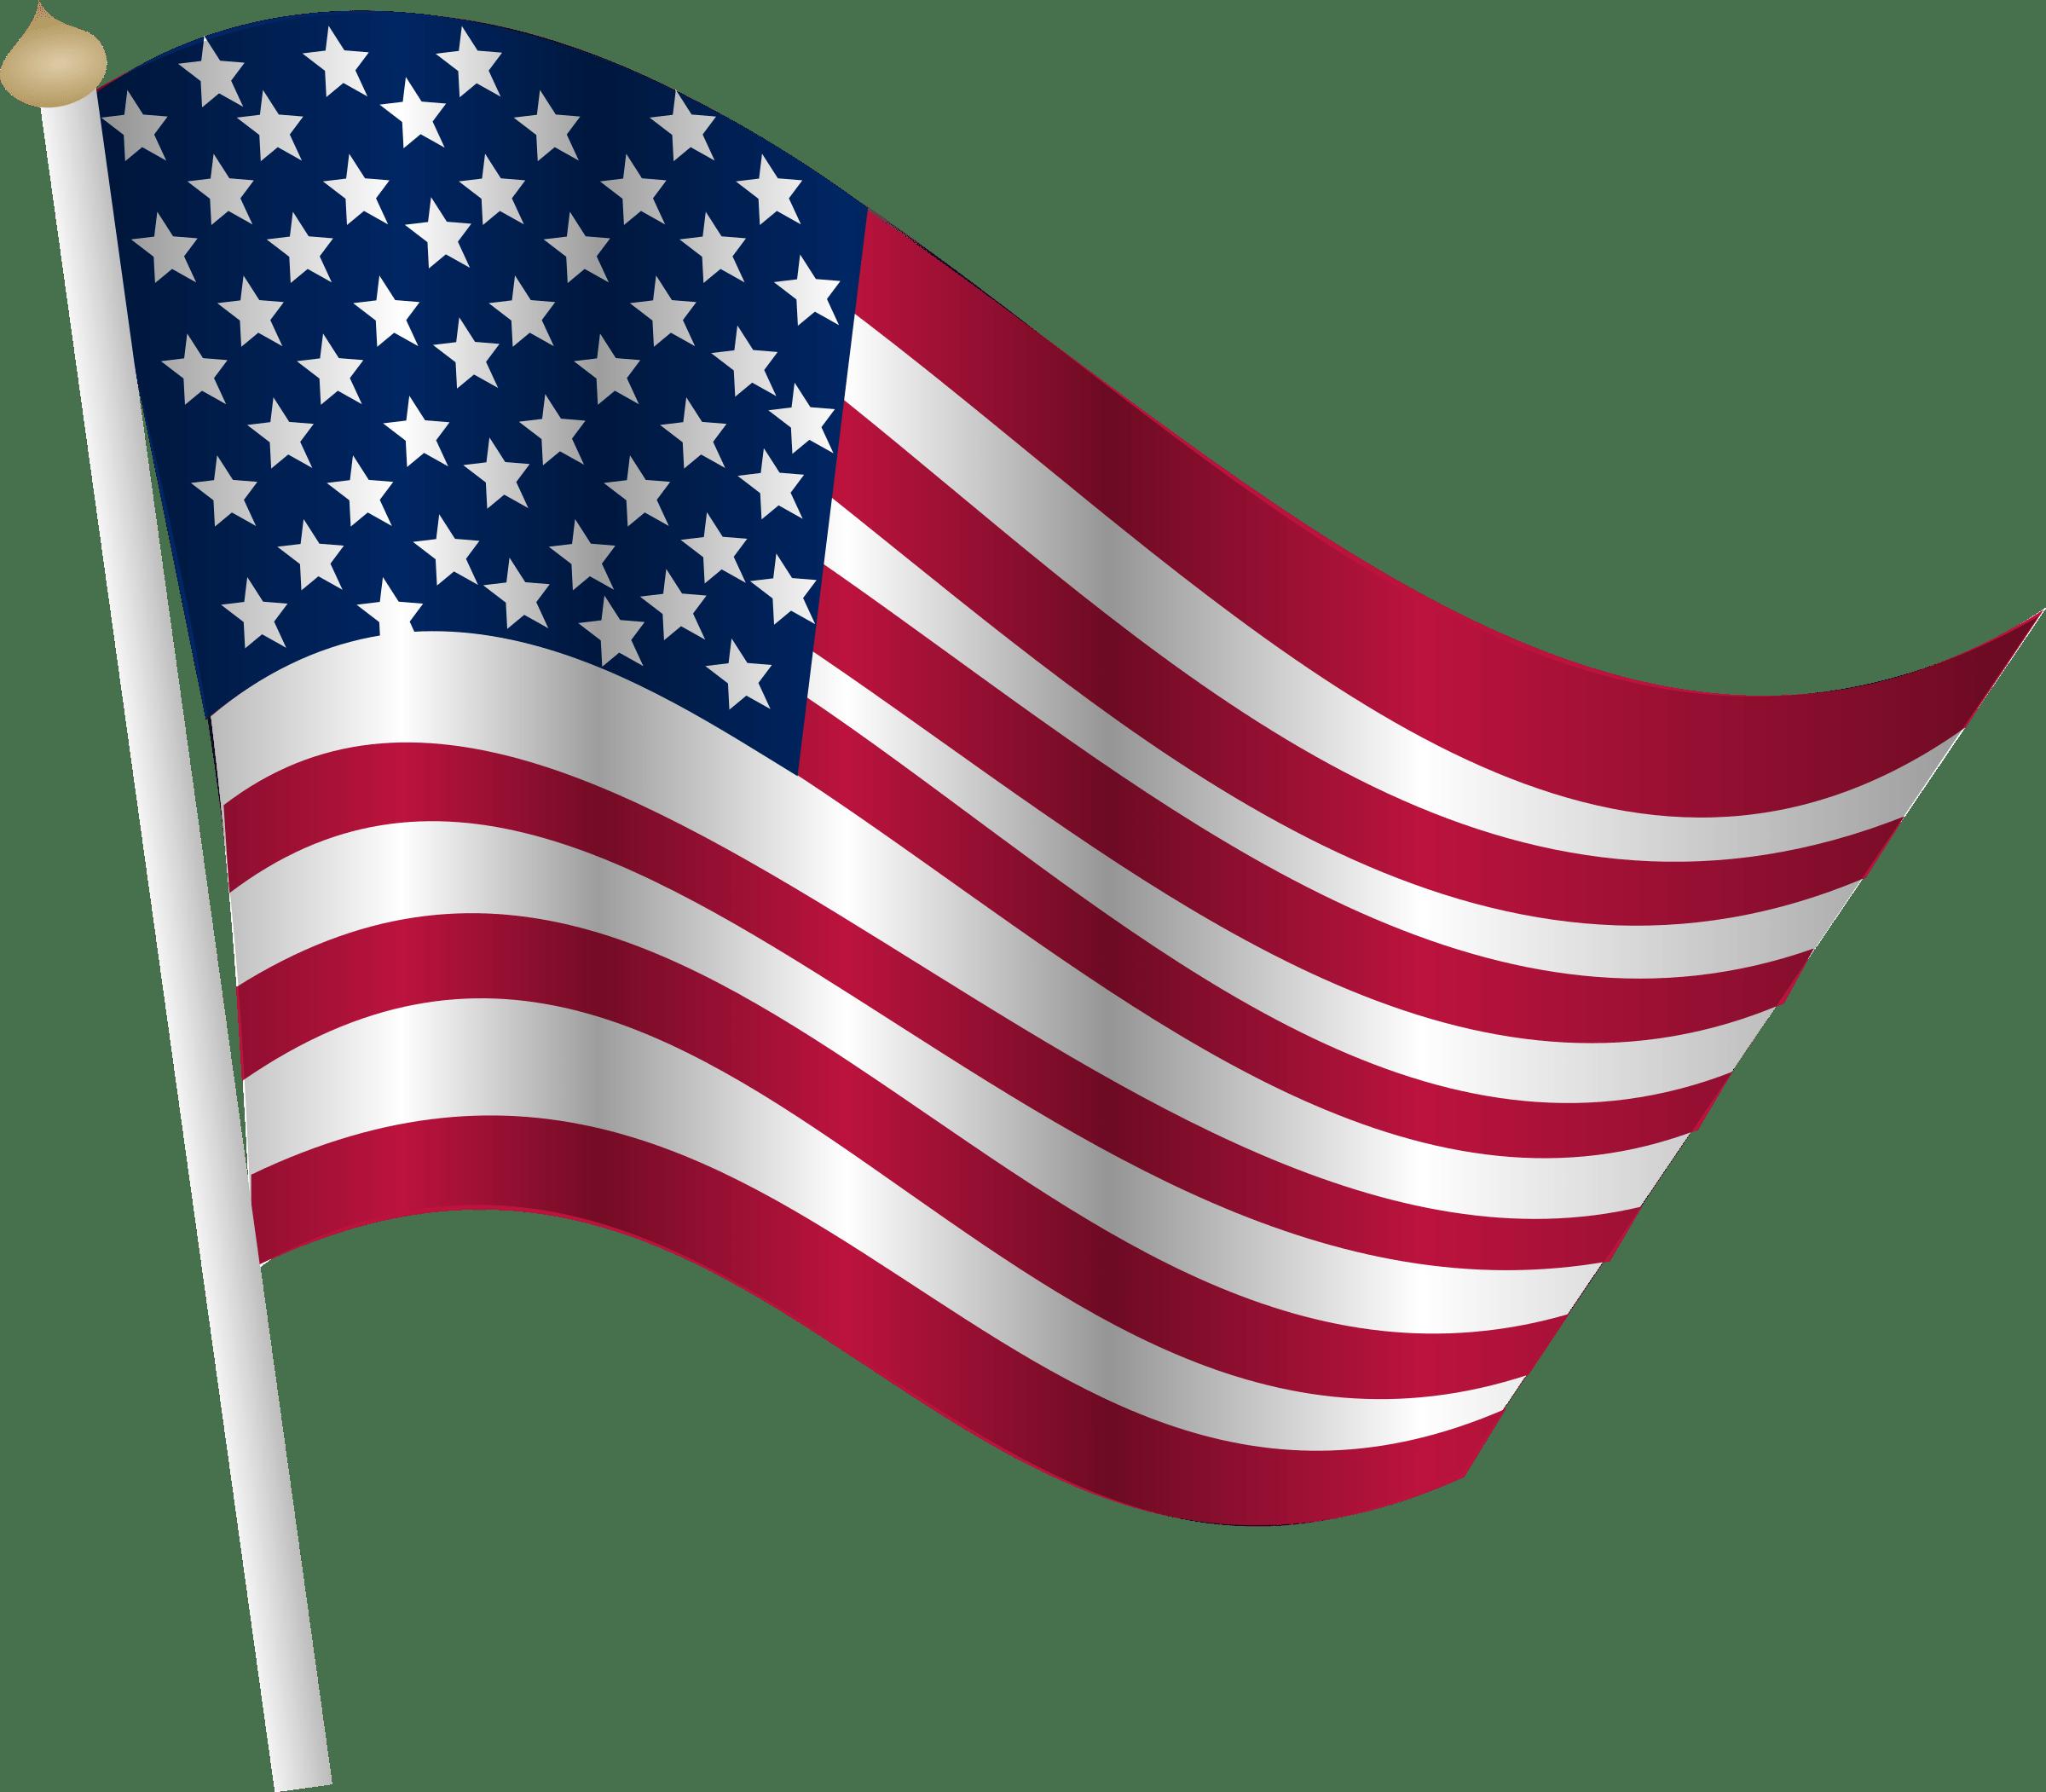 Unity 3d Wallpaper American Flag Fotolip